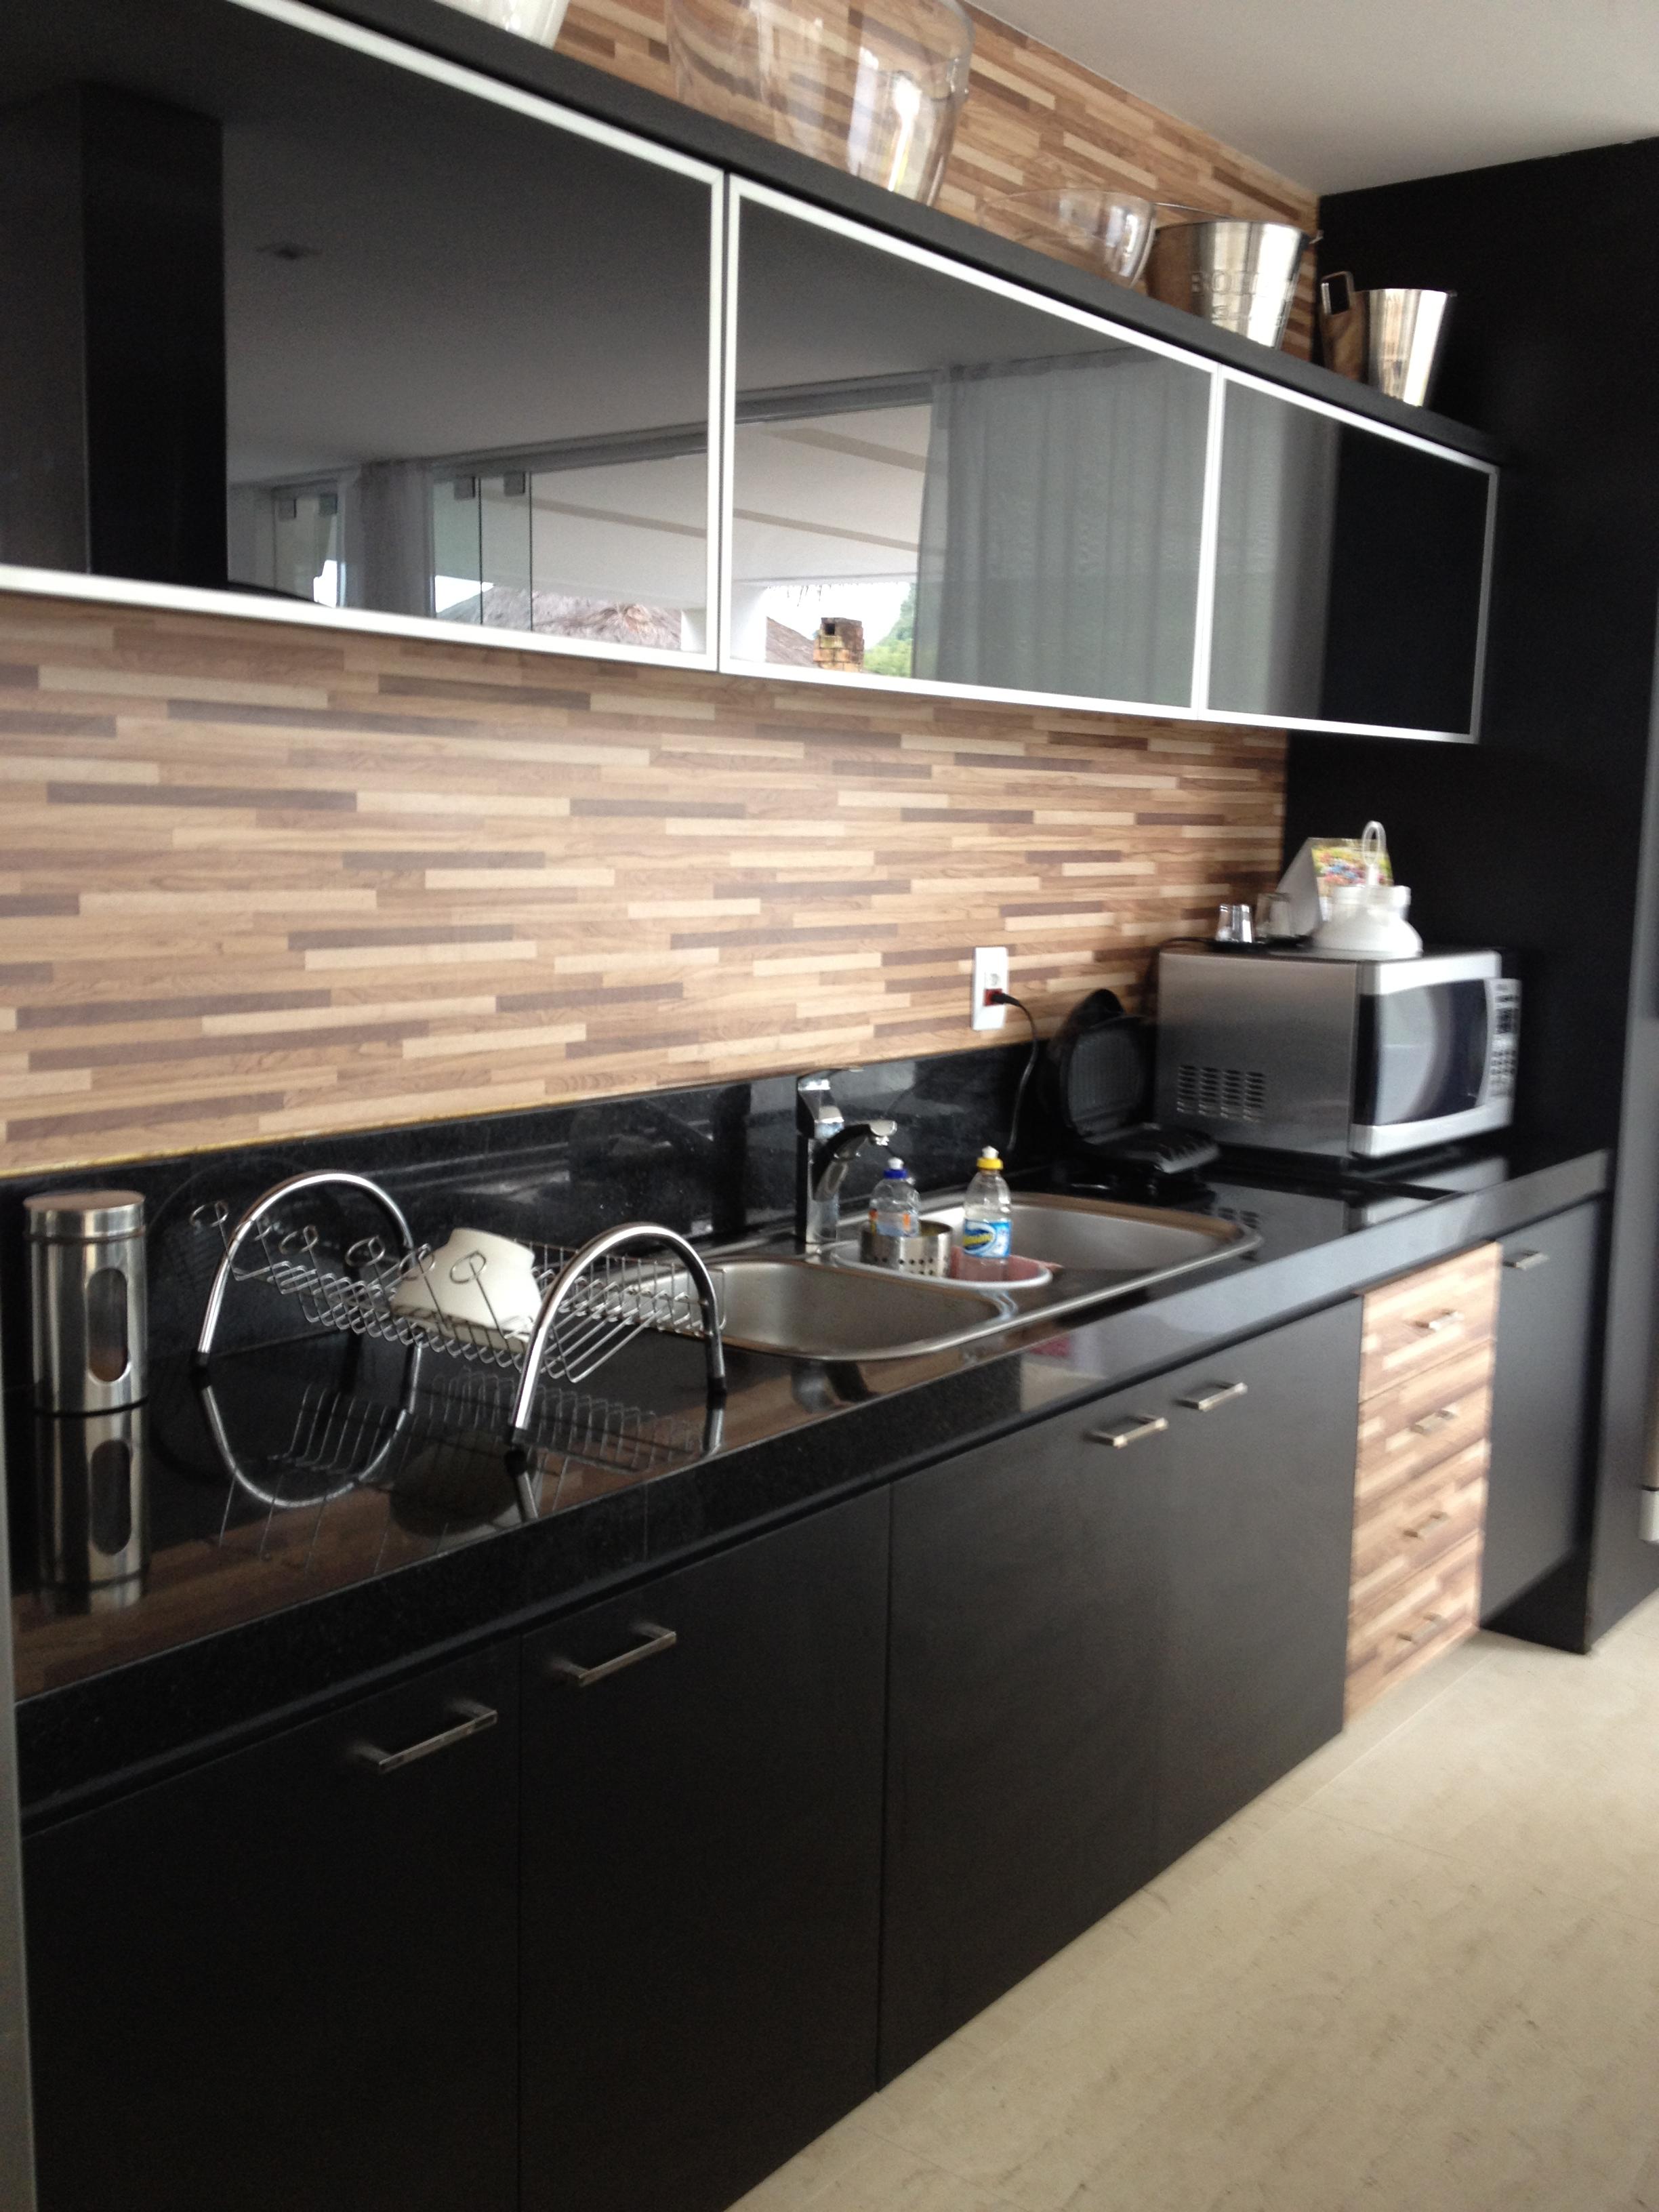 #856646 Cozinha armarios em preto e revestimento em madeira ripada 2448x3264 px Armario De Cozinha Casas Bahia Natal Rn #1893 imagens